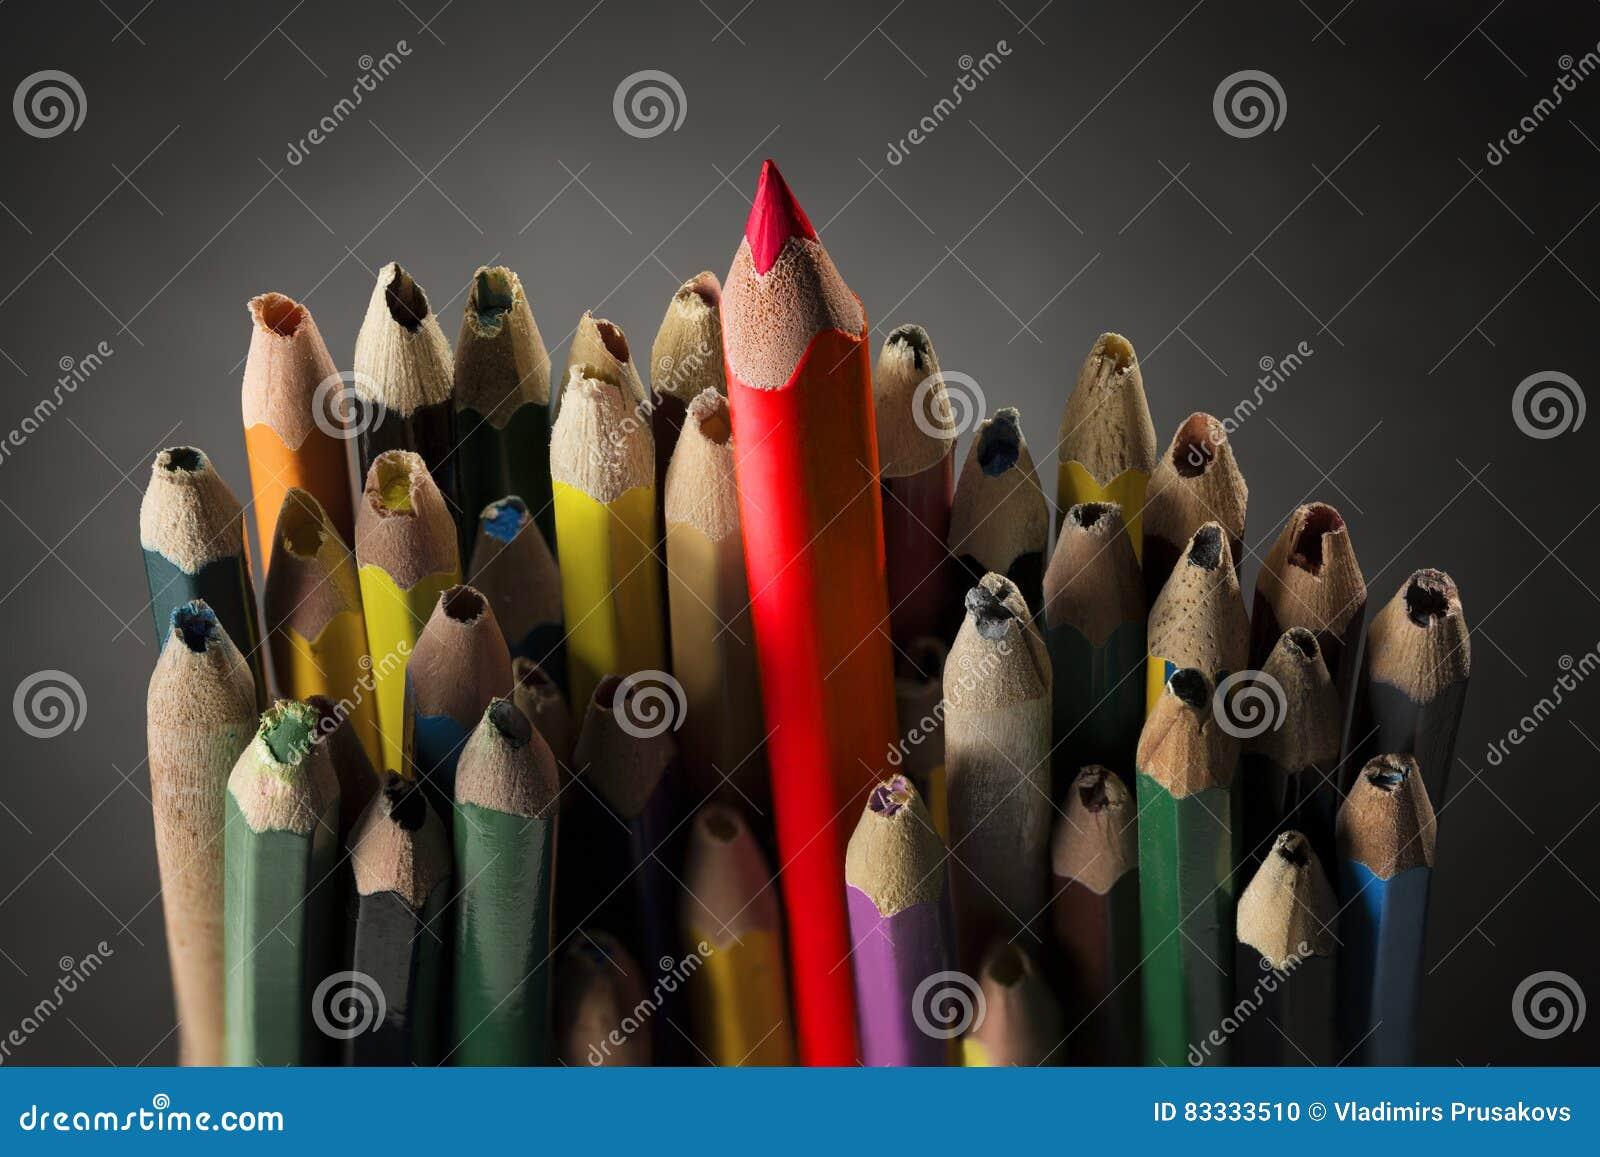 Pencil Inspire Concept, Sharp Creative Idea, Used Broken Pencils